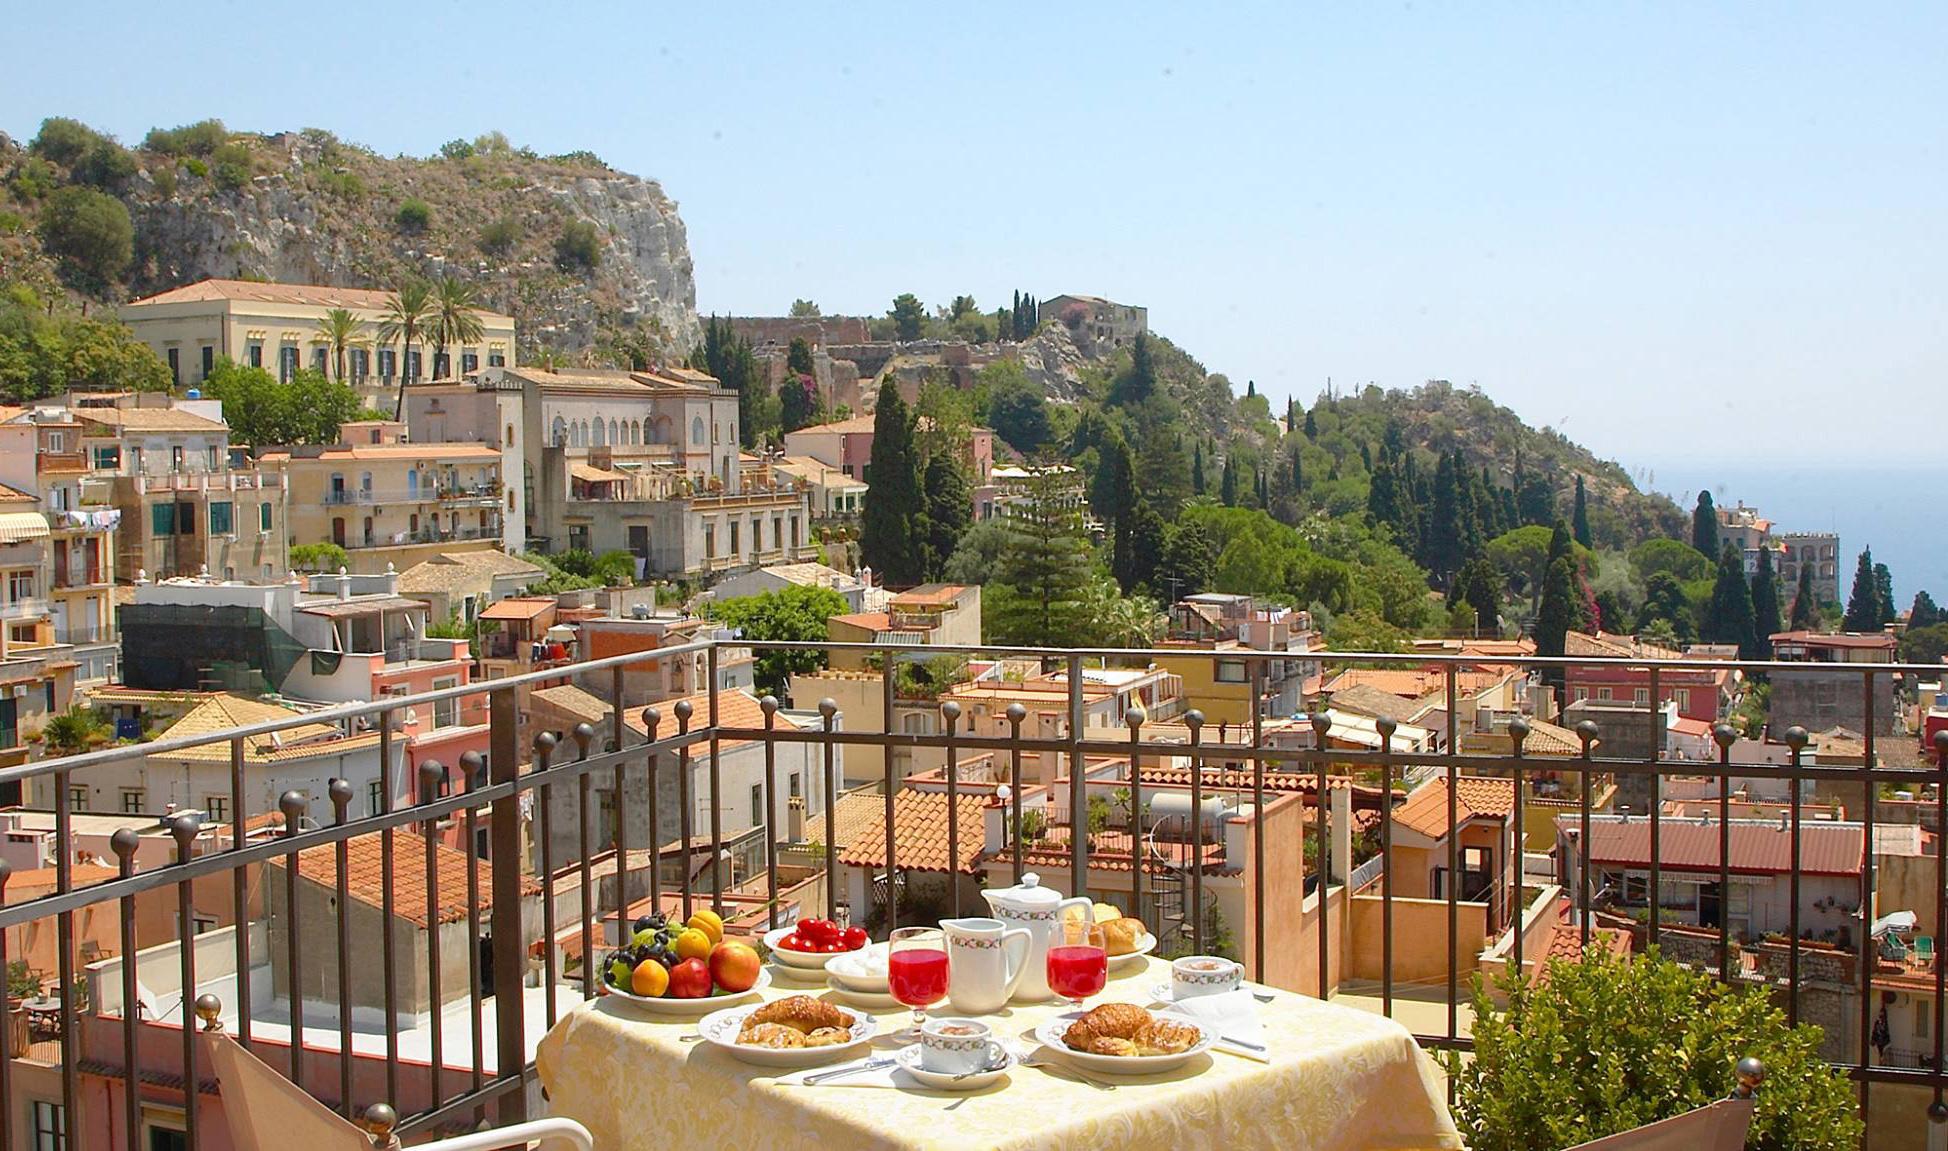 Giardini taormina and castelmola city touru get our tour from catania